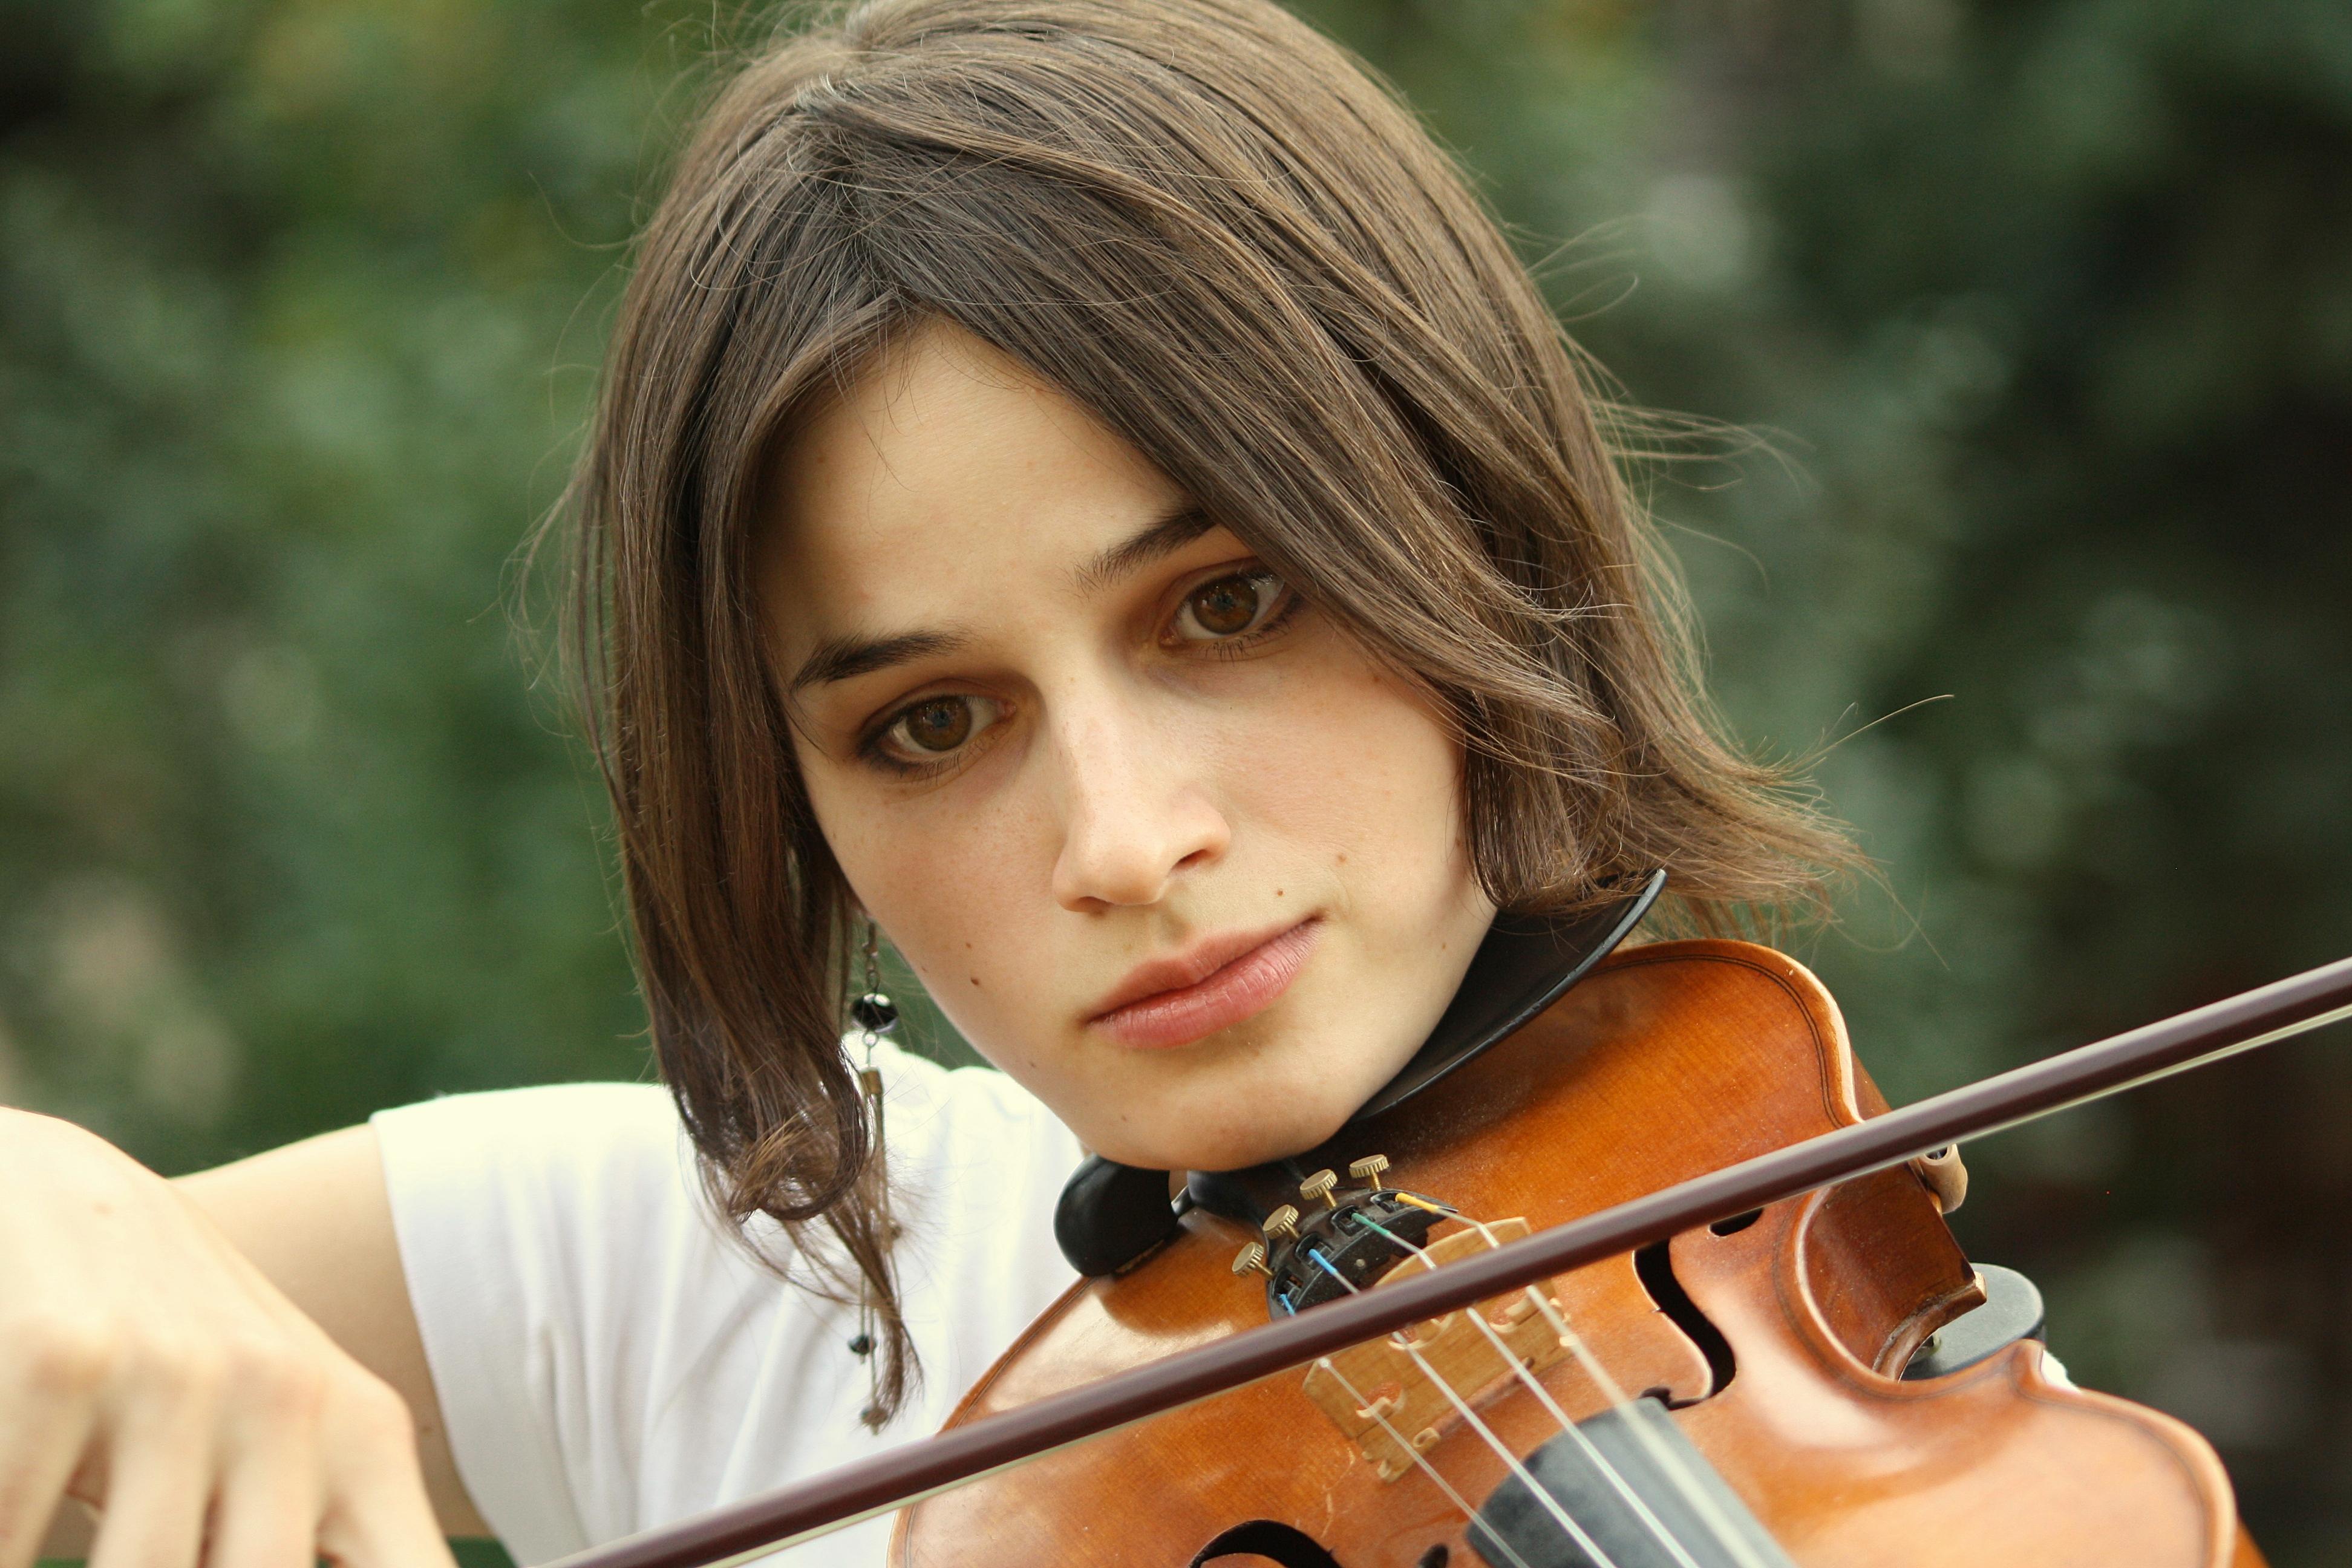 Chicas tocando violin - 3888x2592